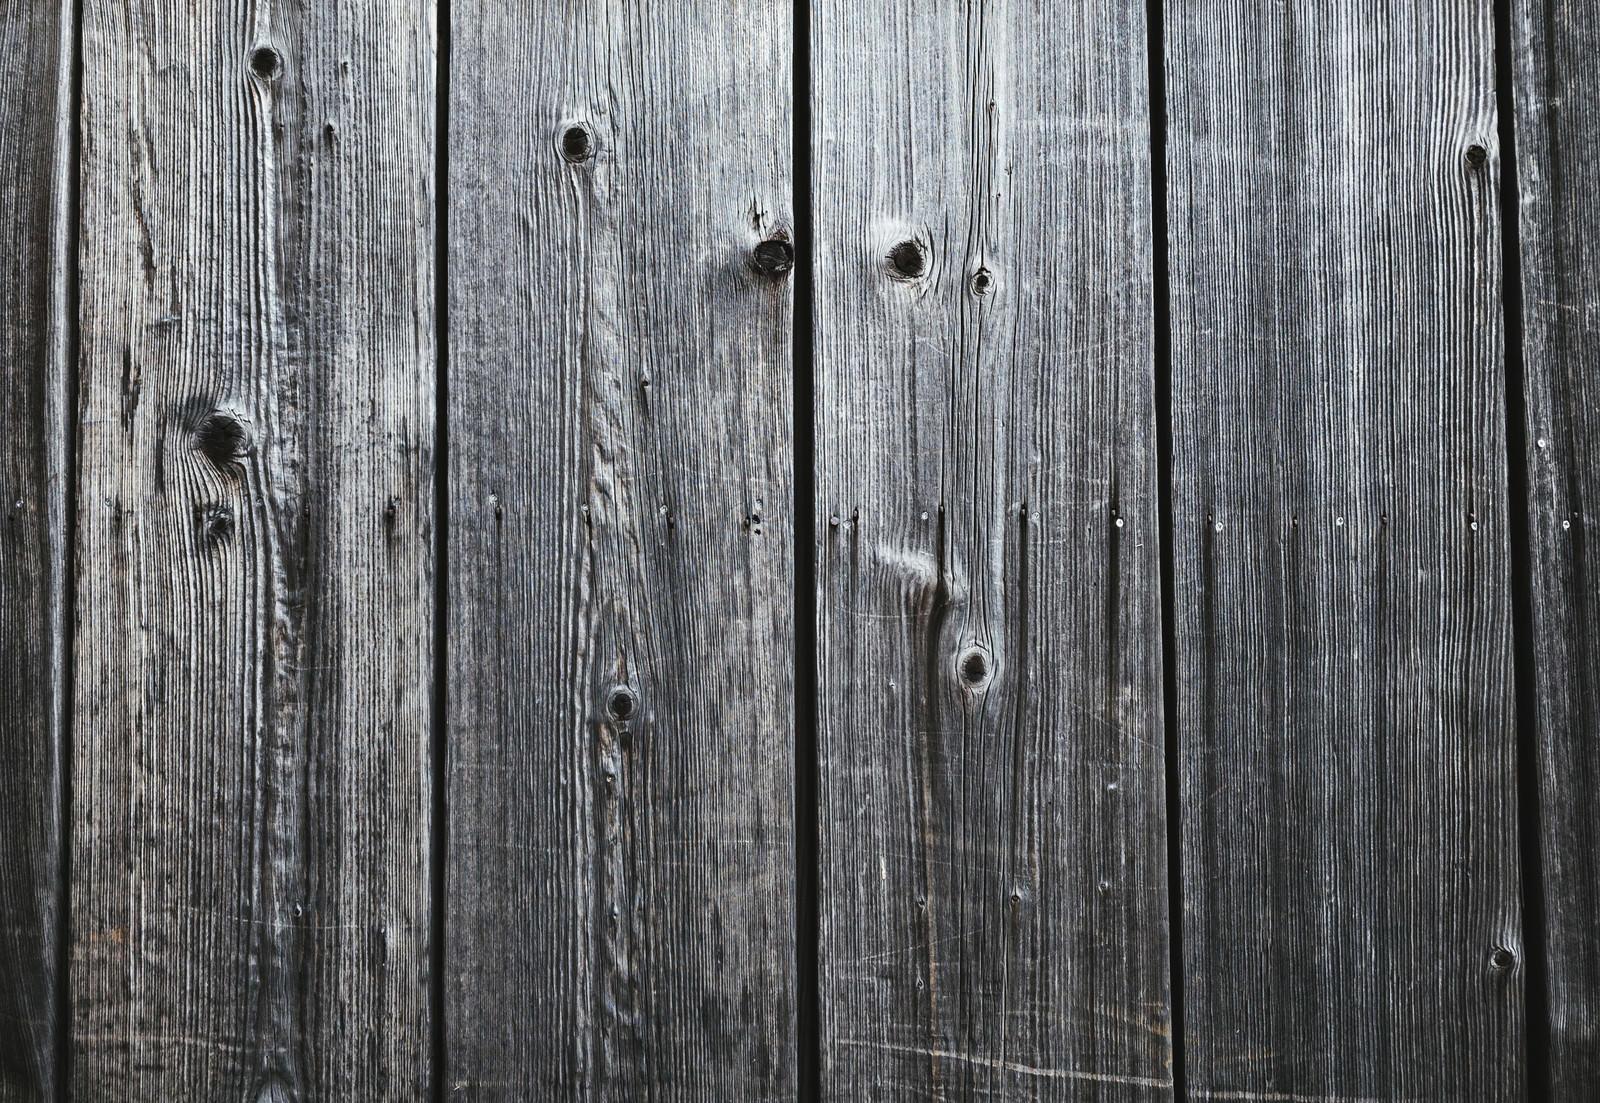 「木の板の背景」の写真